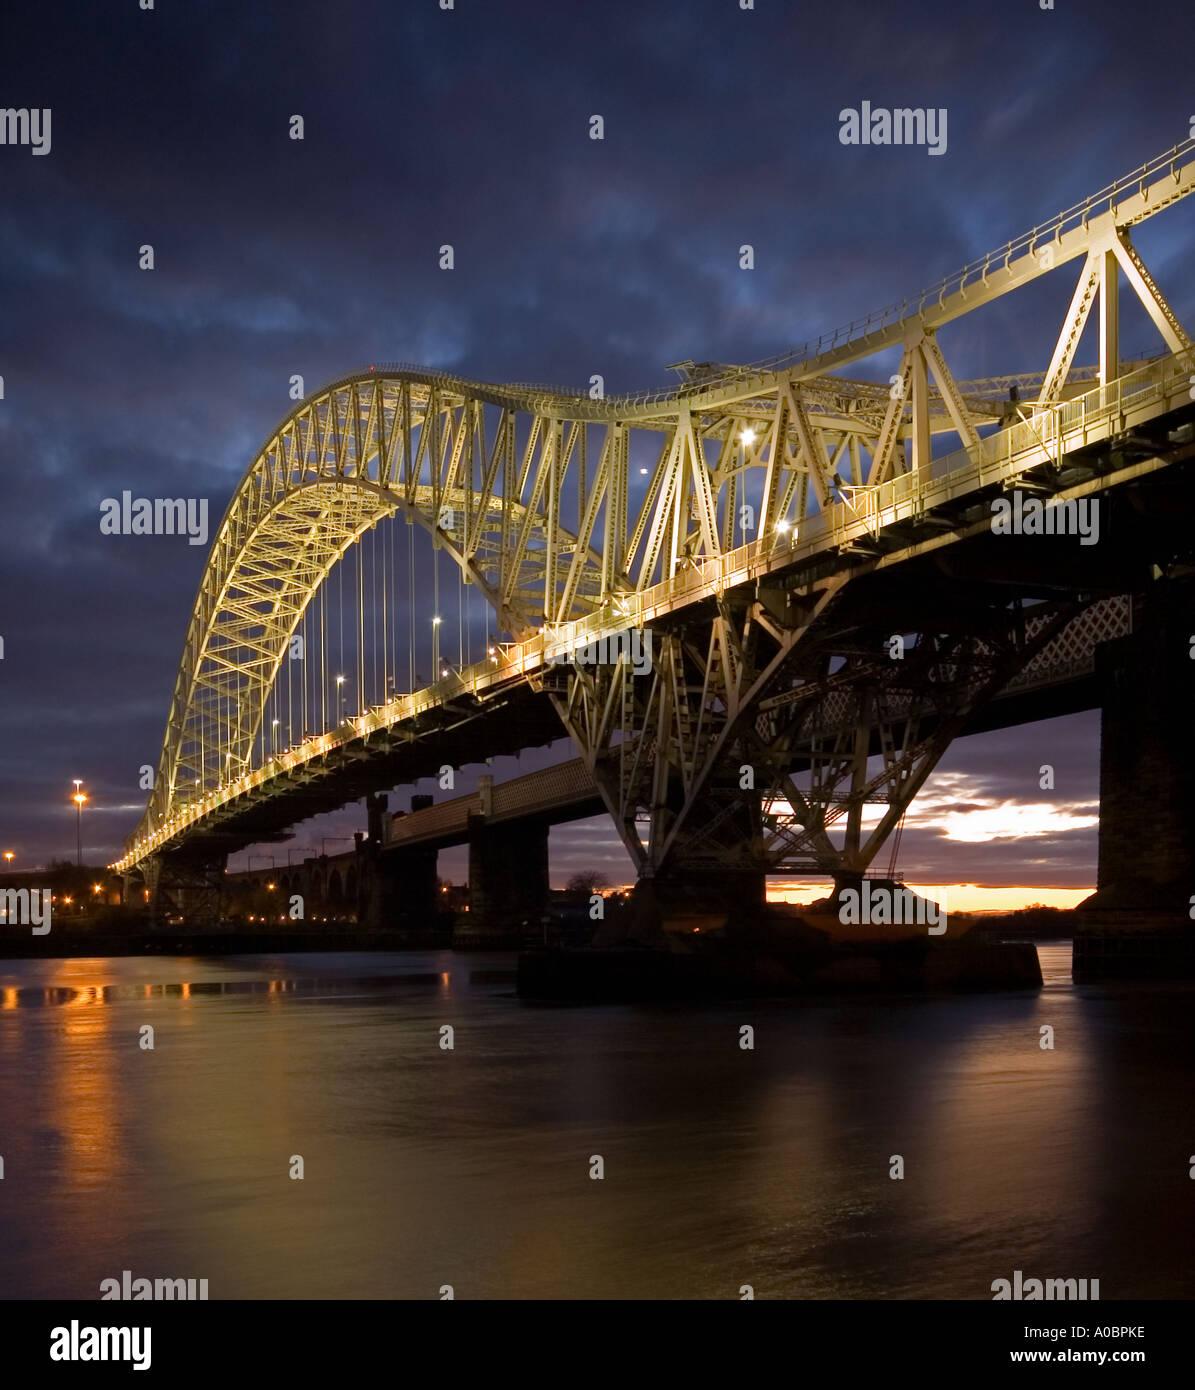 The Runcorn Road Bridge at Sunset Runcorn Cheshire UK - Stock Image